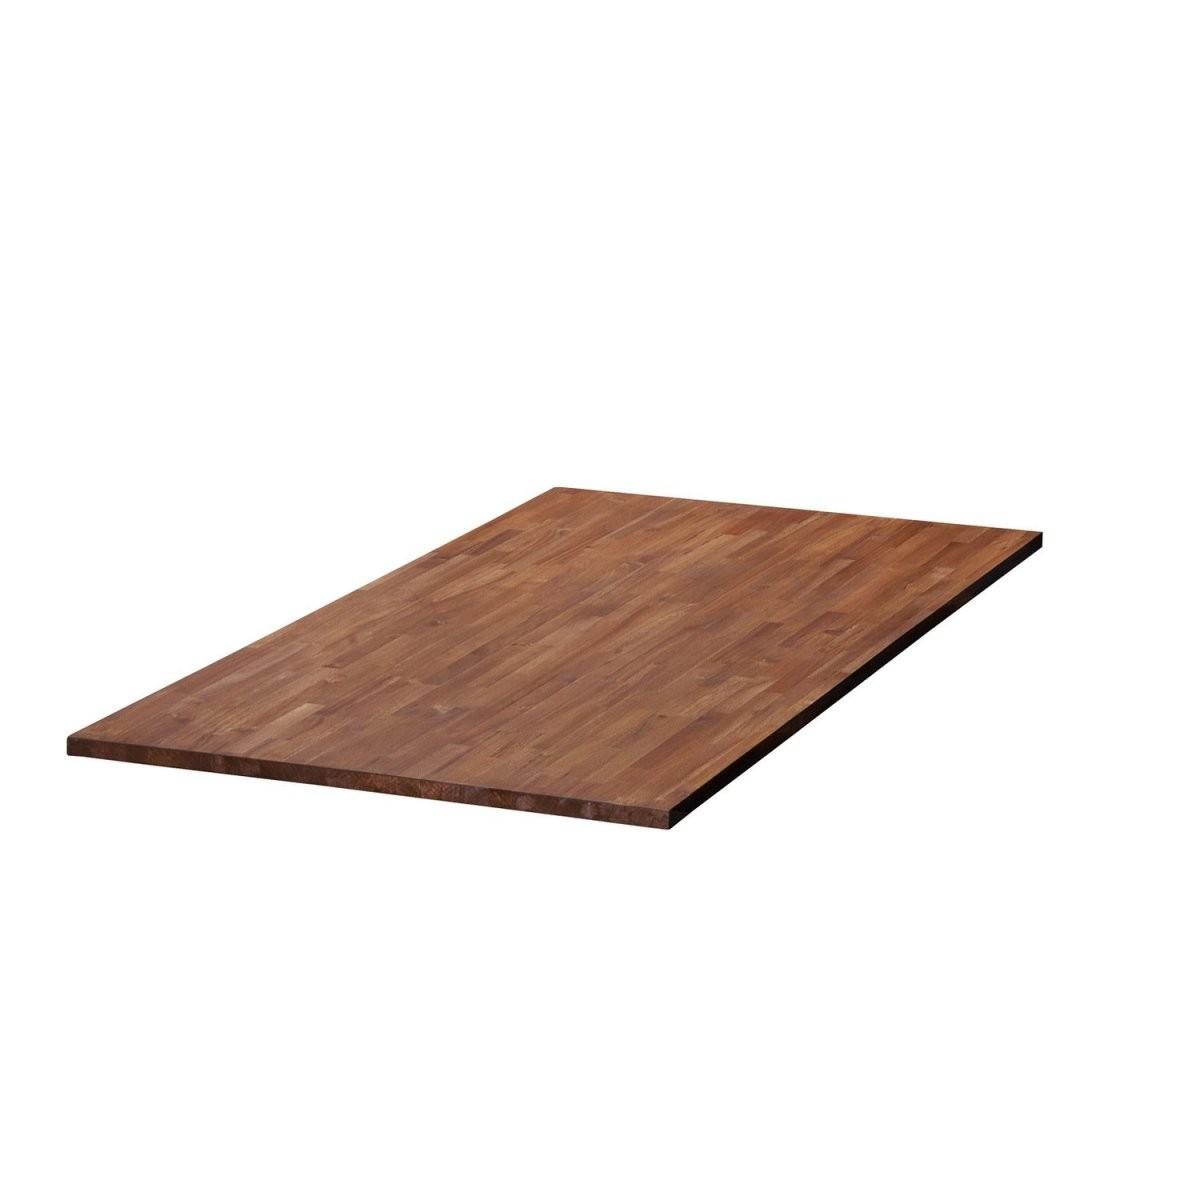 Tischplatte Kaufen Bei Obi von Wetterfeste Tischplatten Nach Maß Photo